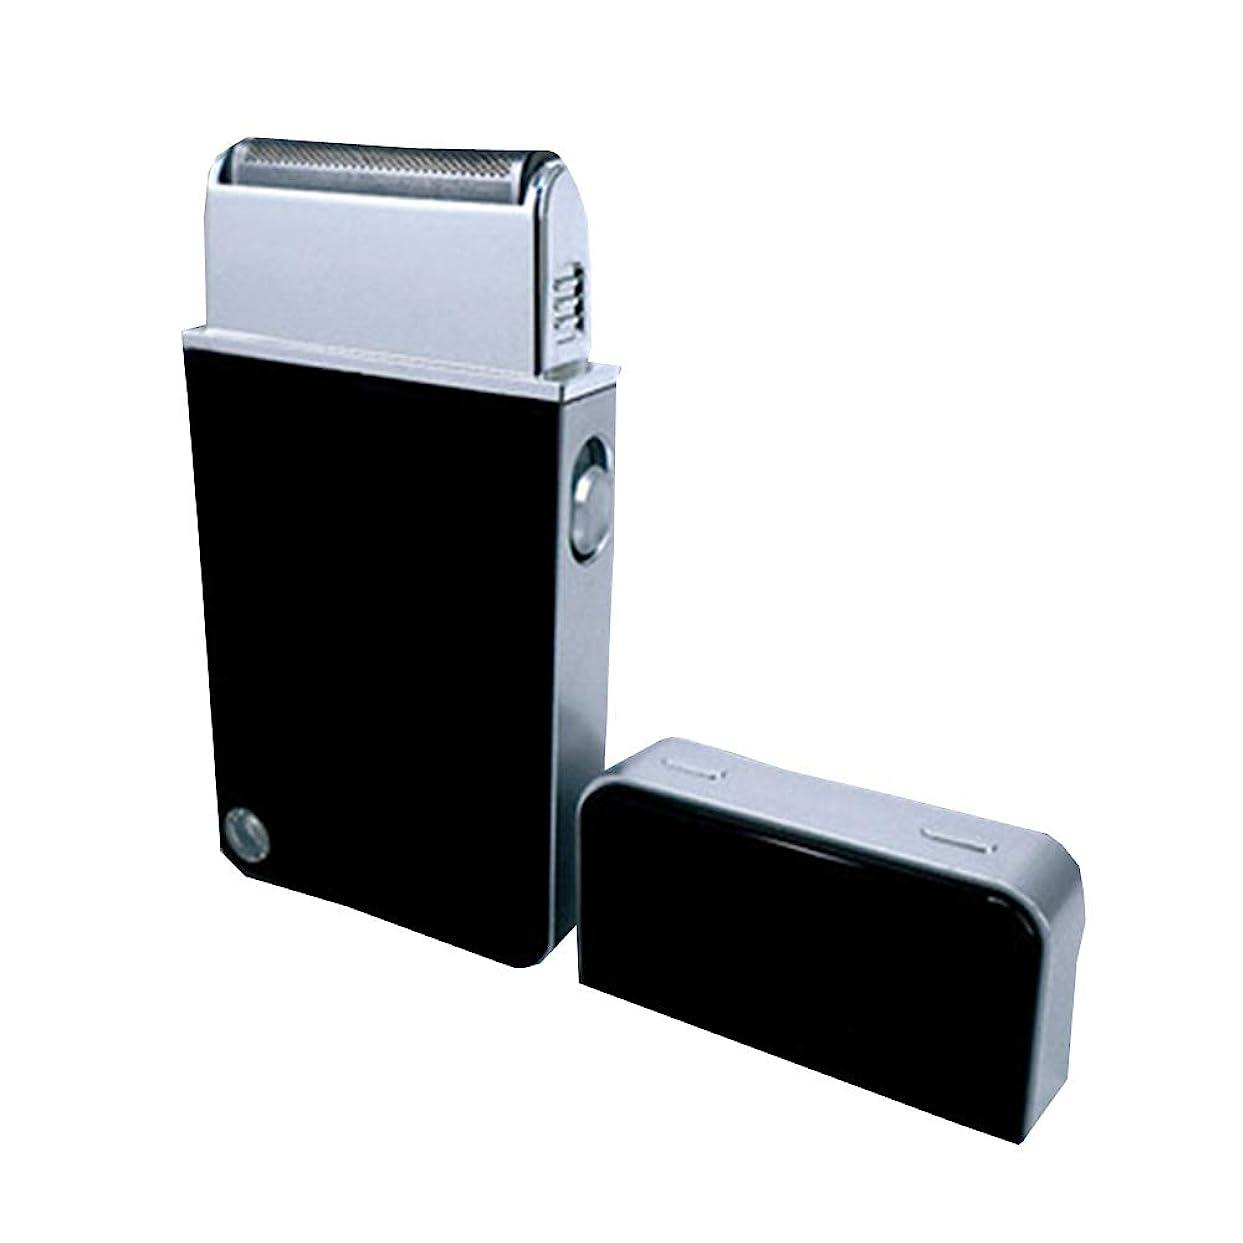 考え政府仕様メンズシェーバー USB充電式 電気シェーバー ひげ剃り コンパクト 携帯用シェーバー 旅行用 軽量 ギフトCSH004